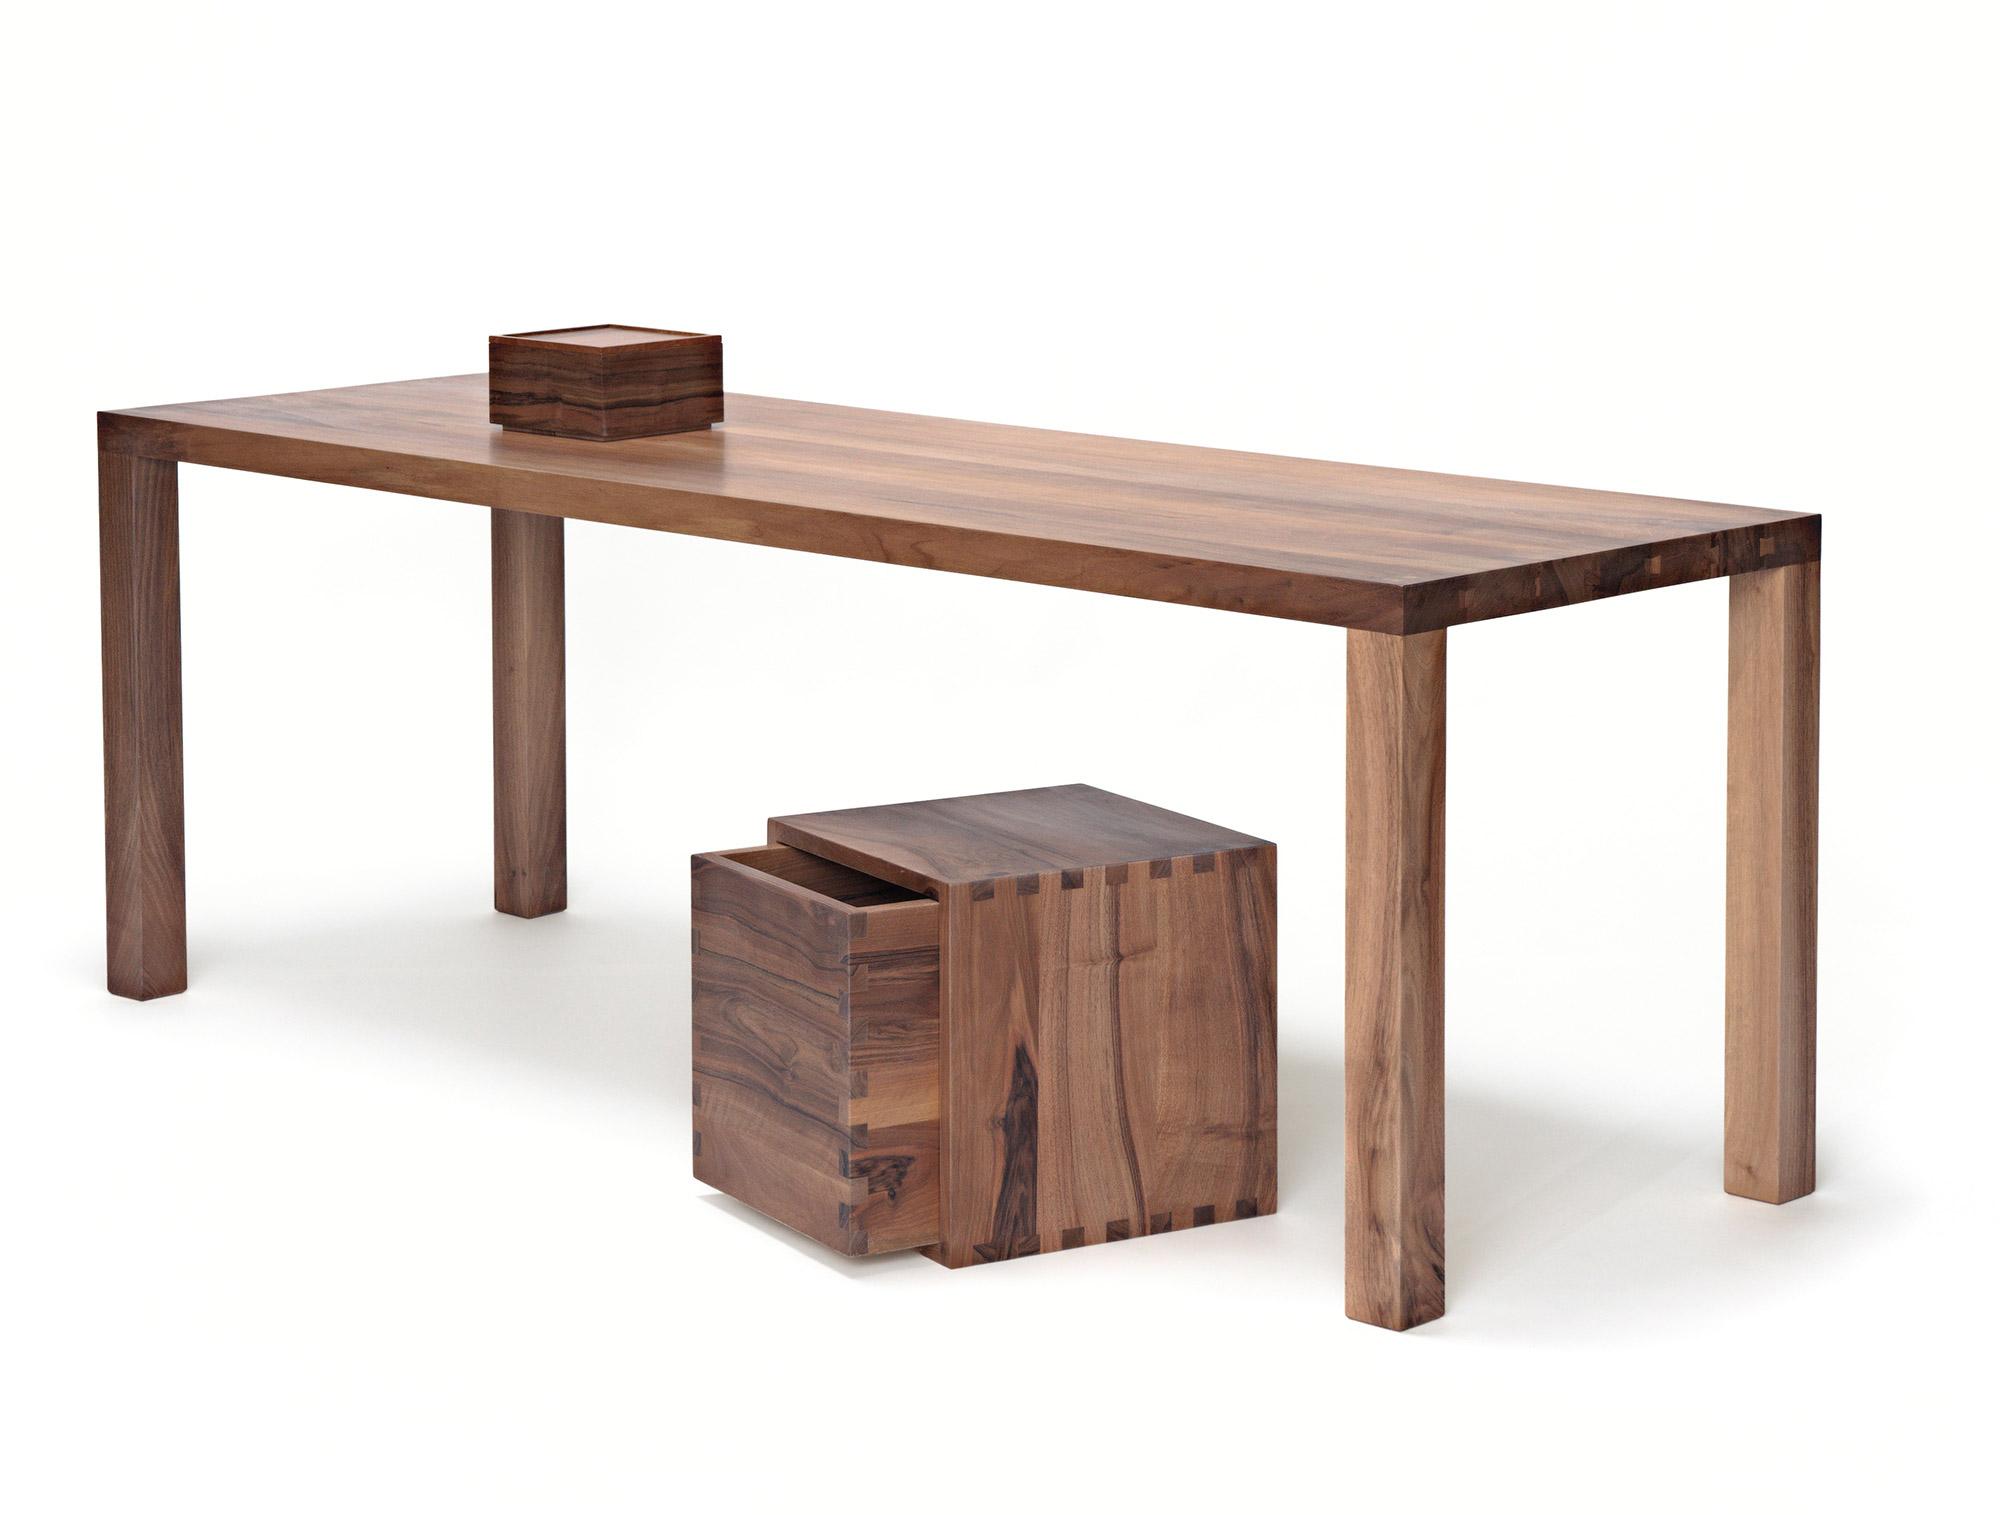 jean nouvel mes meubles d 39 architecte sens et essence du 27 octobre 2016 au 12 f vrier 2017. Black Bedroom Furniture Sets. Home Design Ideas